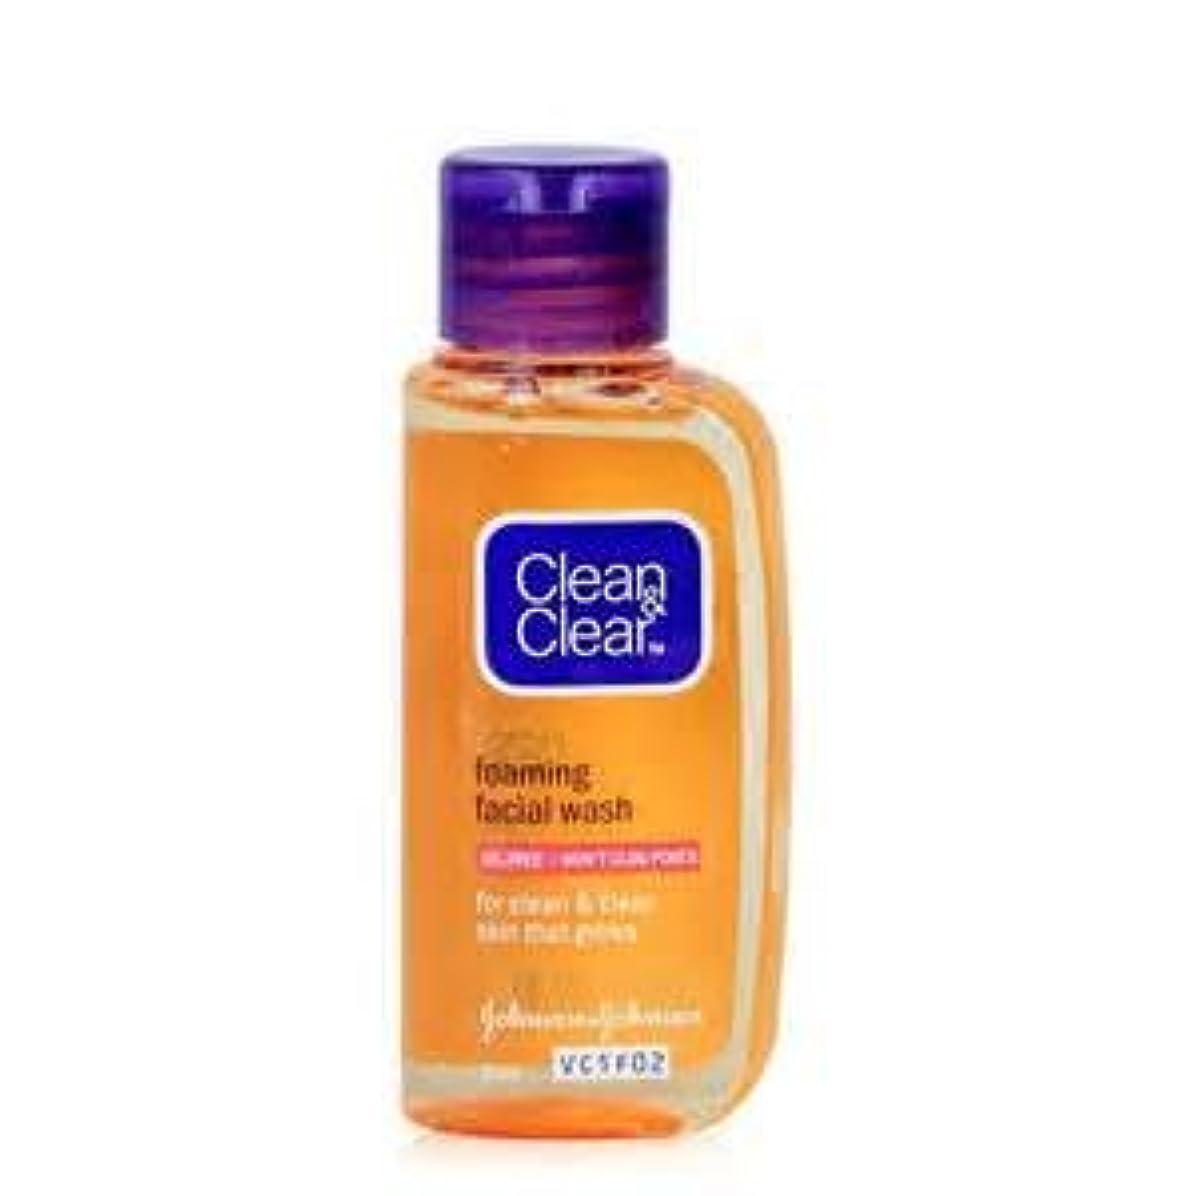 マイルド有利ノーブルクリーン&クリア エッセンシャル フォーミング フェイシャル ウォッシュ clean&clear essentials foaming facial wash 50ml